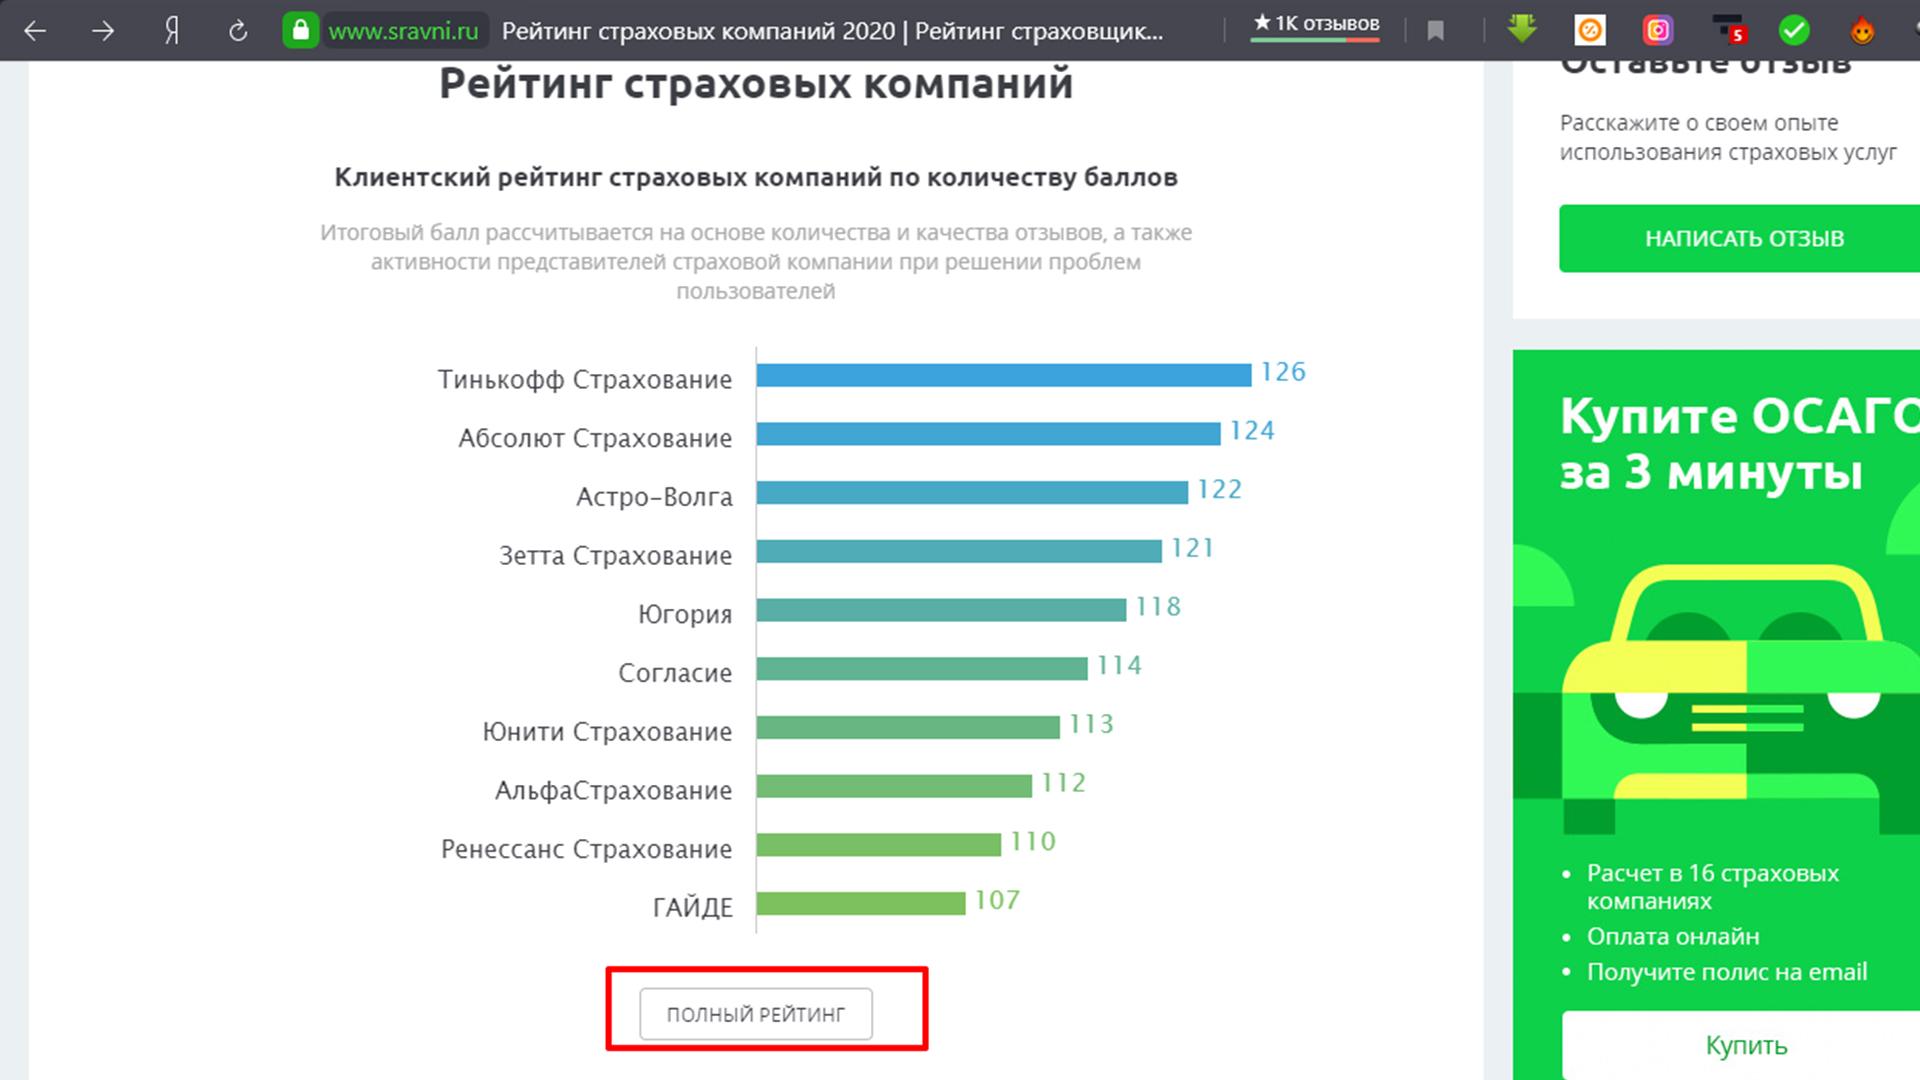 Рейтинг страховых компаний на сайте Сравни.ру